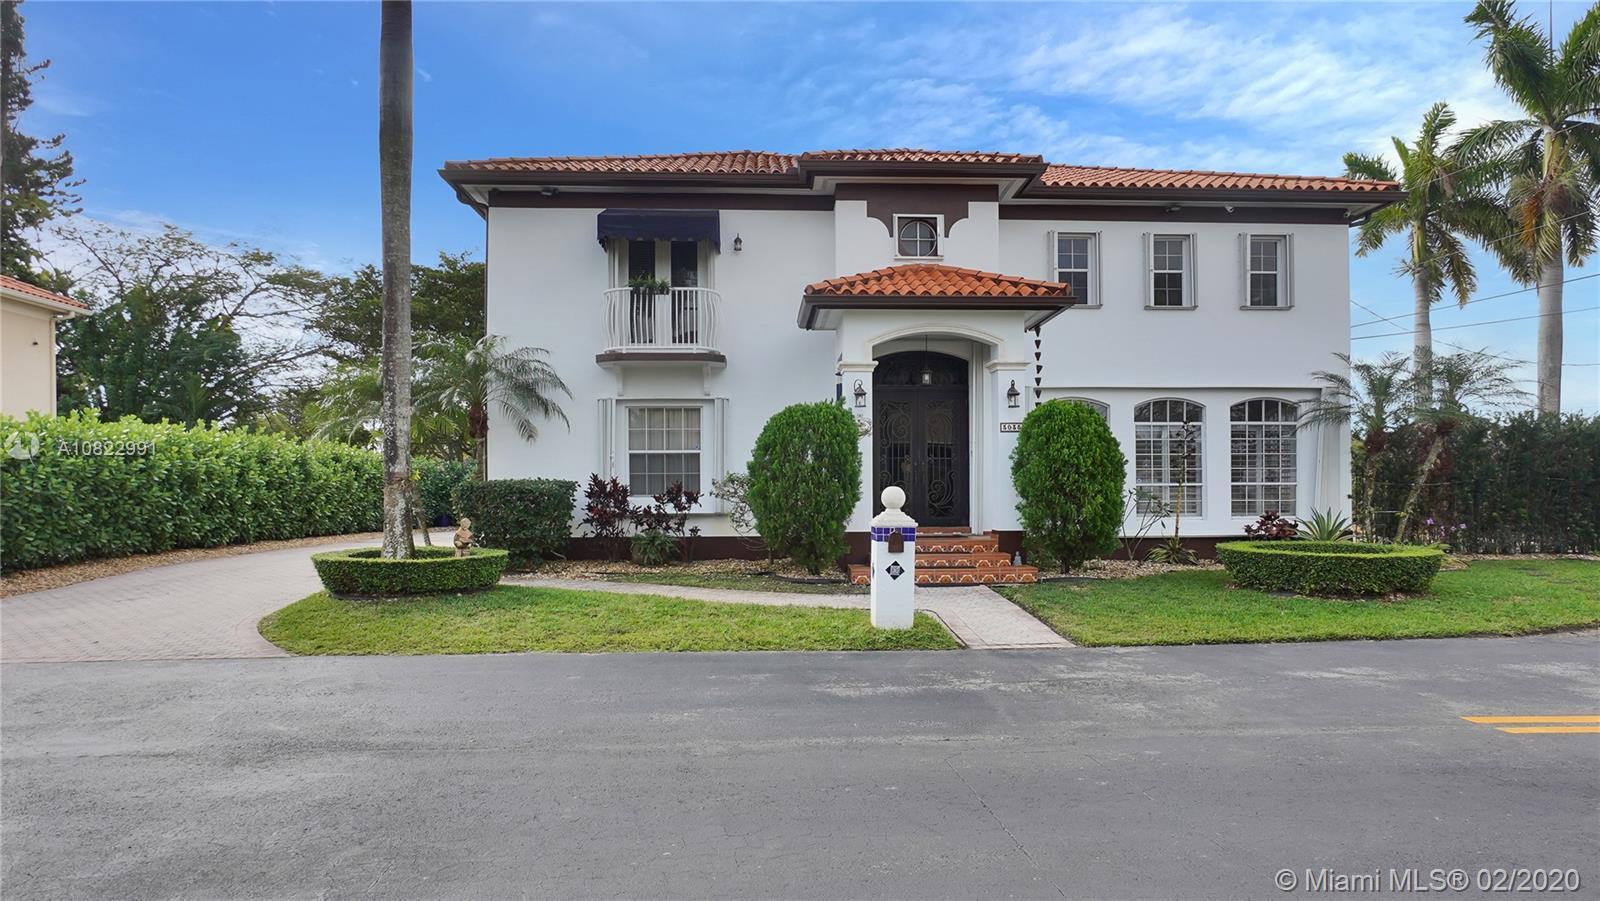 3035 SW 115th Ave, Miami, FL 33165